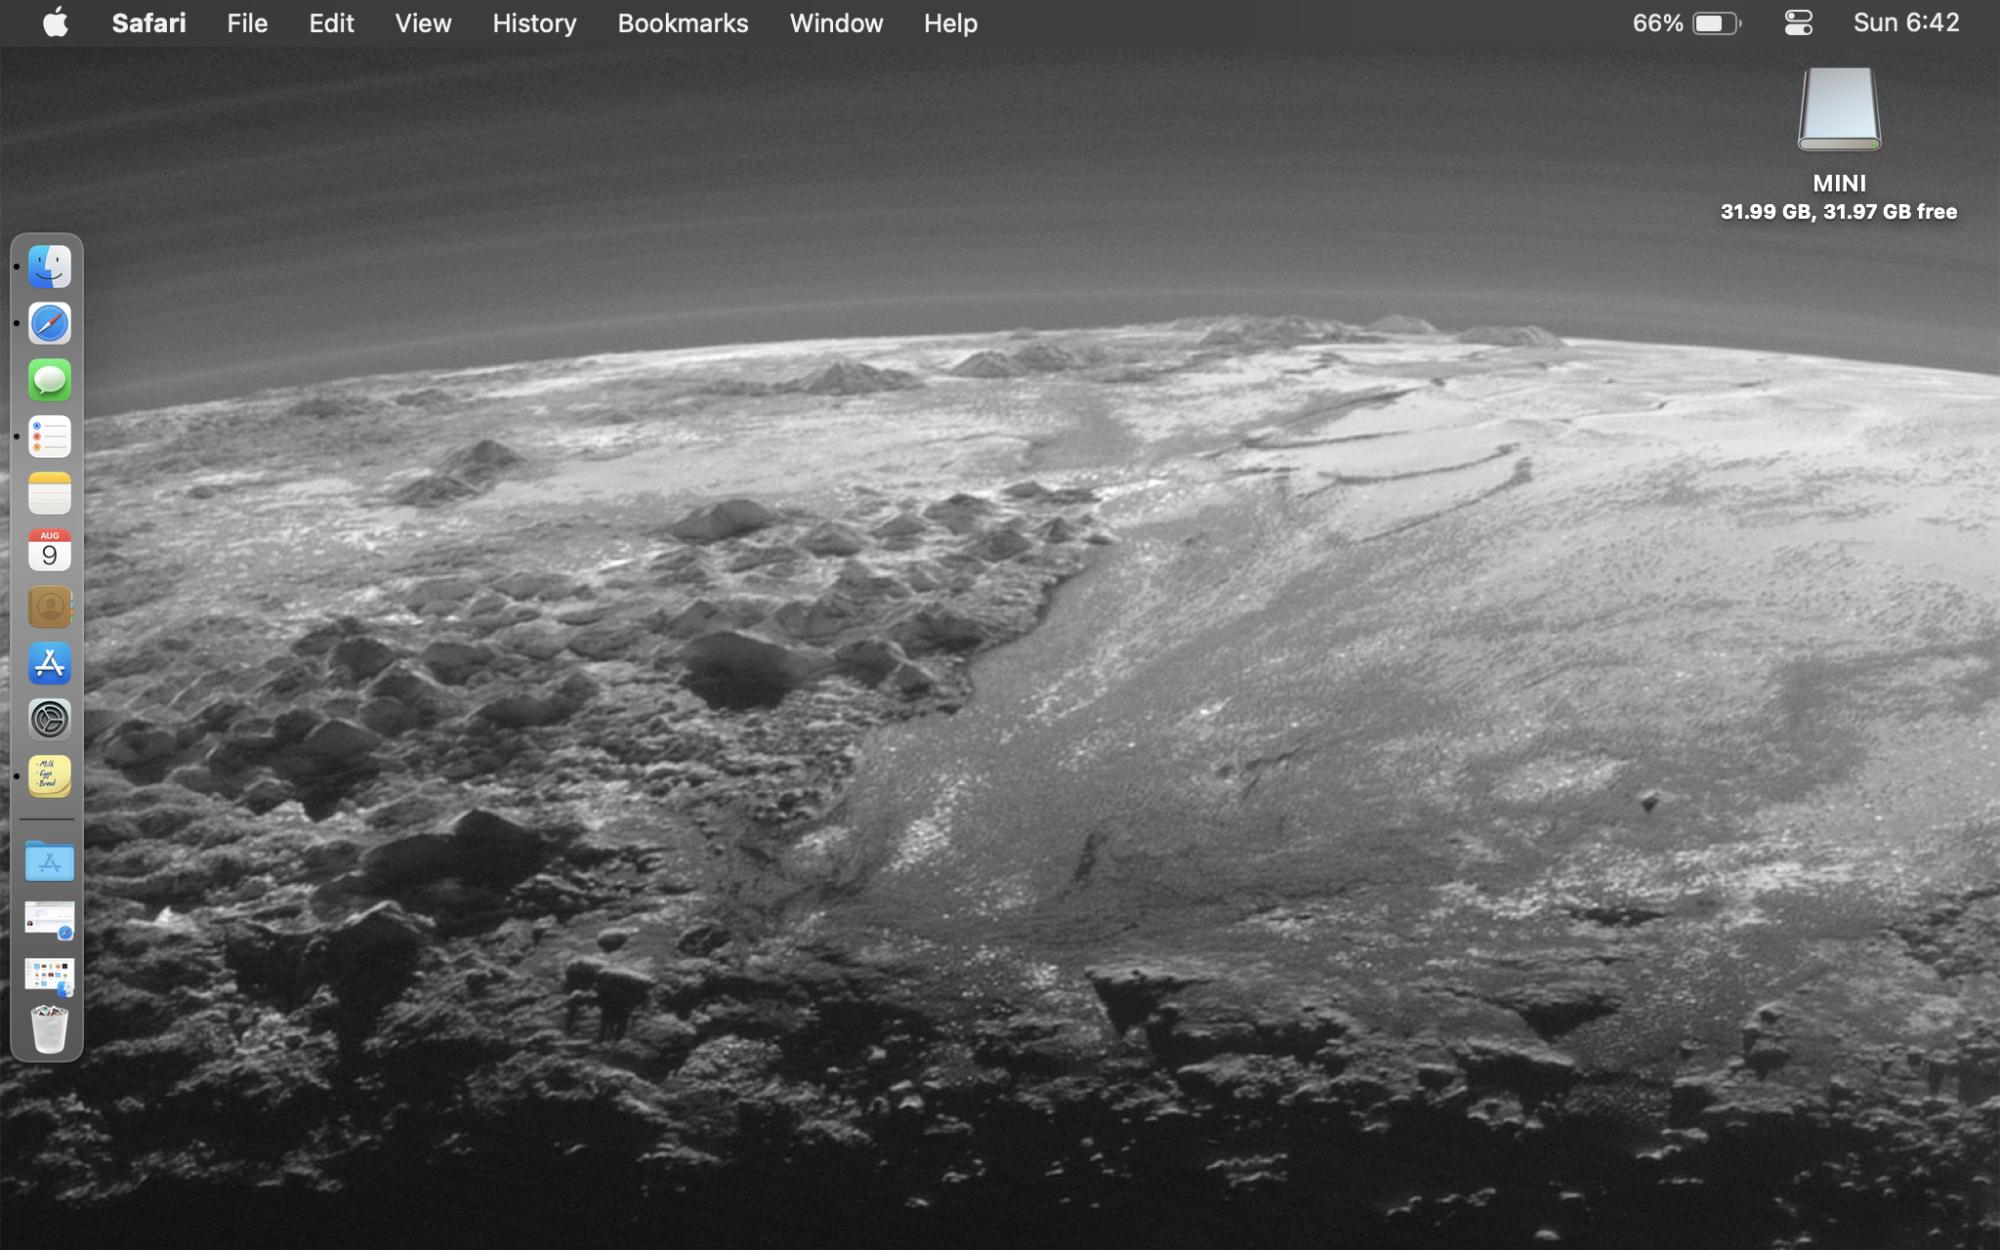 Screen Shot 2020-08-09 at 6.42.25 PM.png